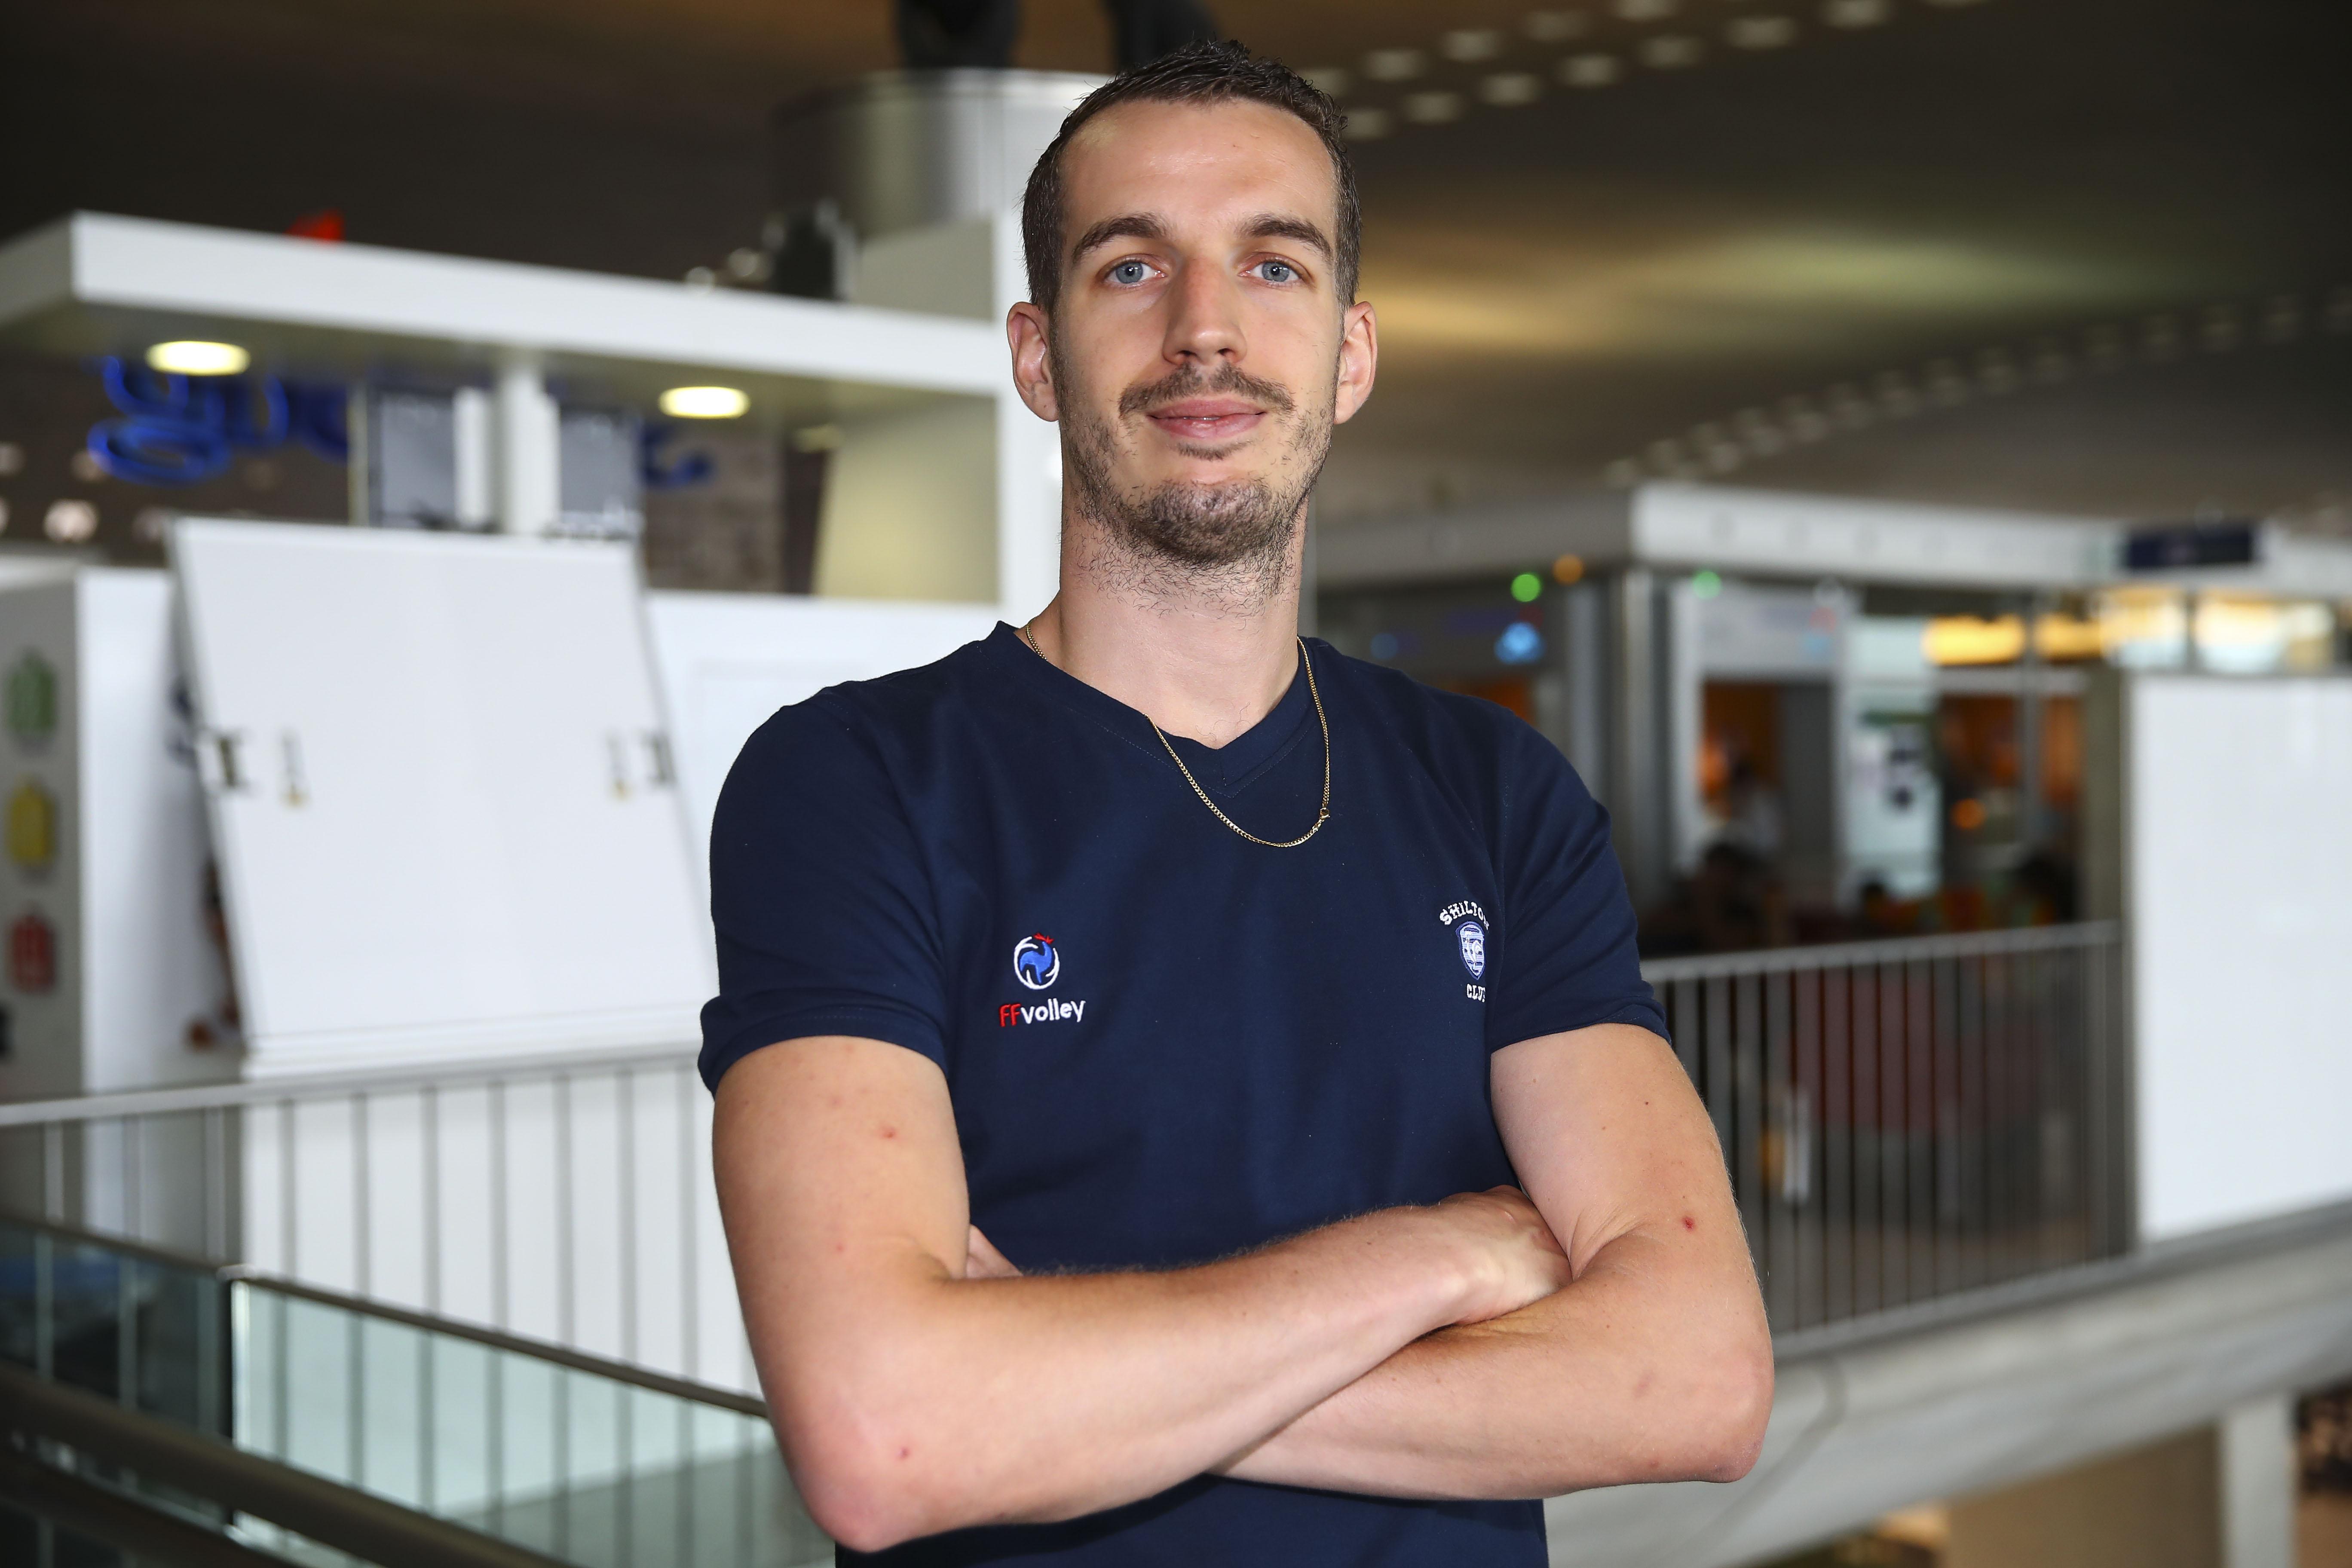 Volley - Equipe de France - Volley : Le capitaine des Bleus décrypte les forces en présence à l'Euro